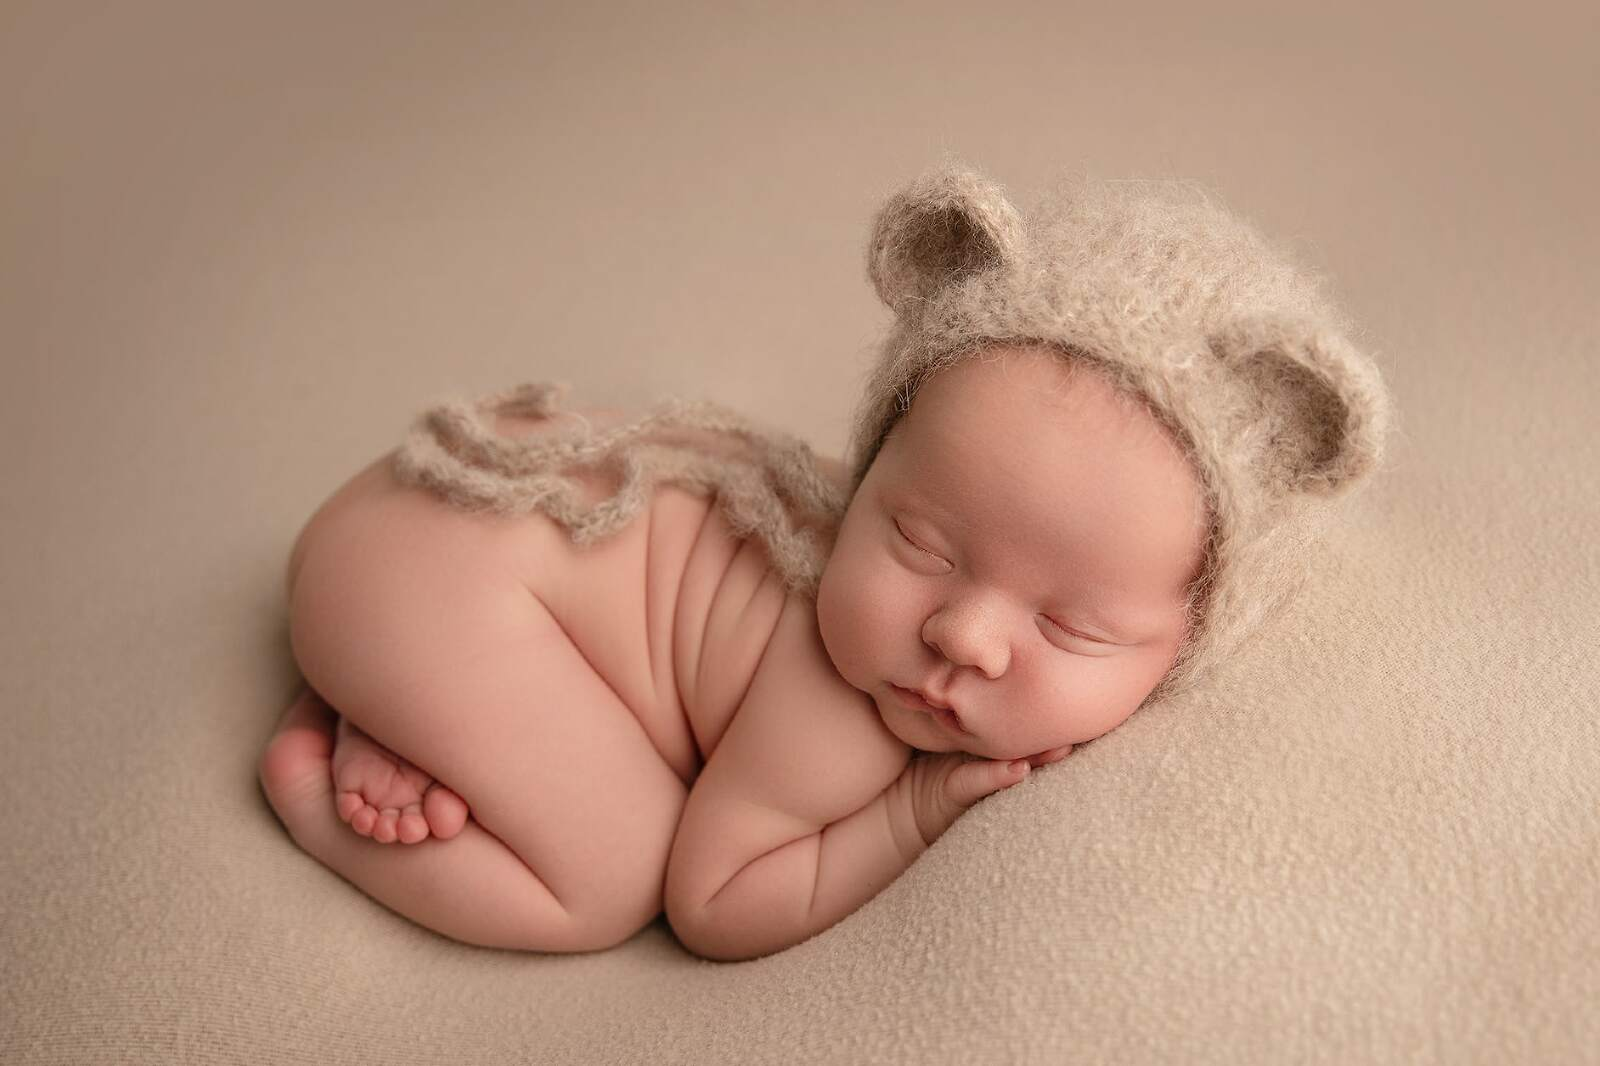 newborn baby boy photo studio hereford, Herefordshire